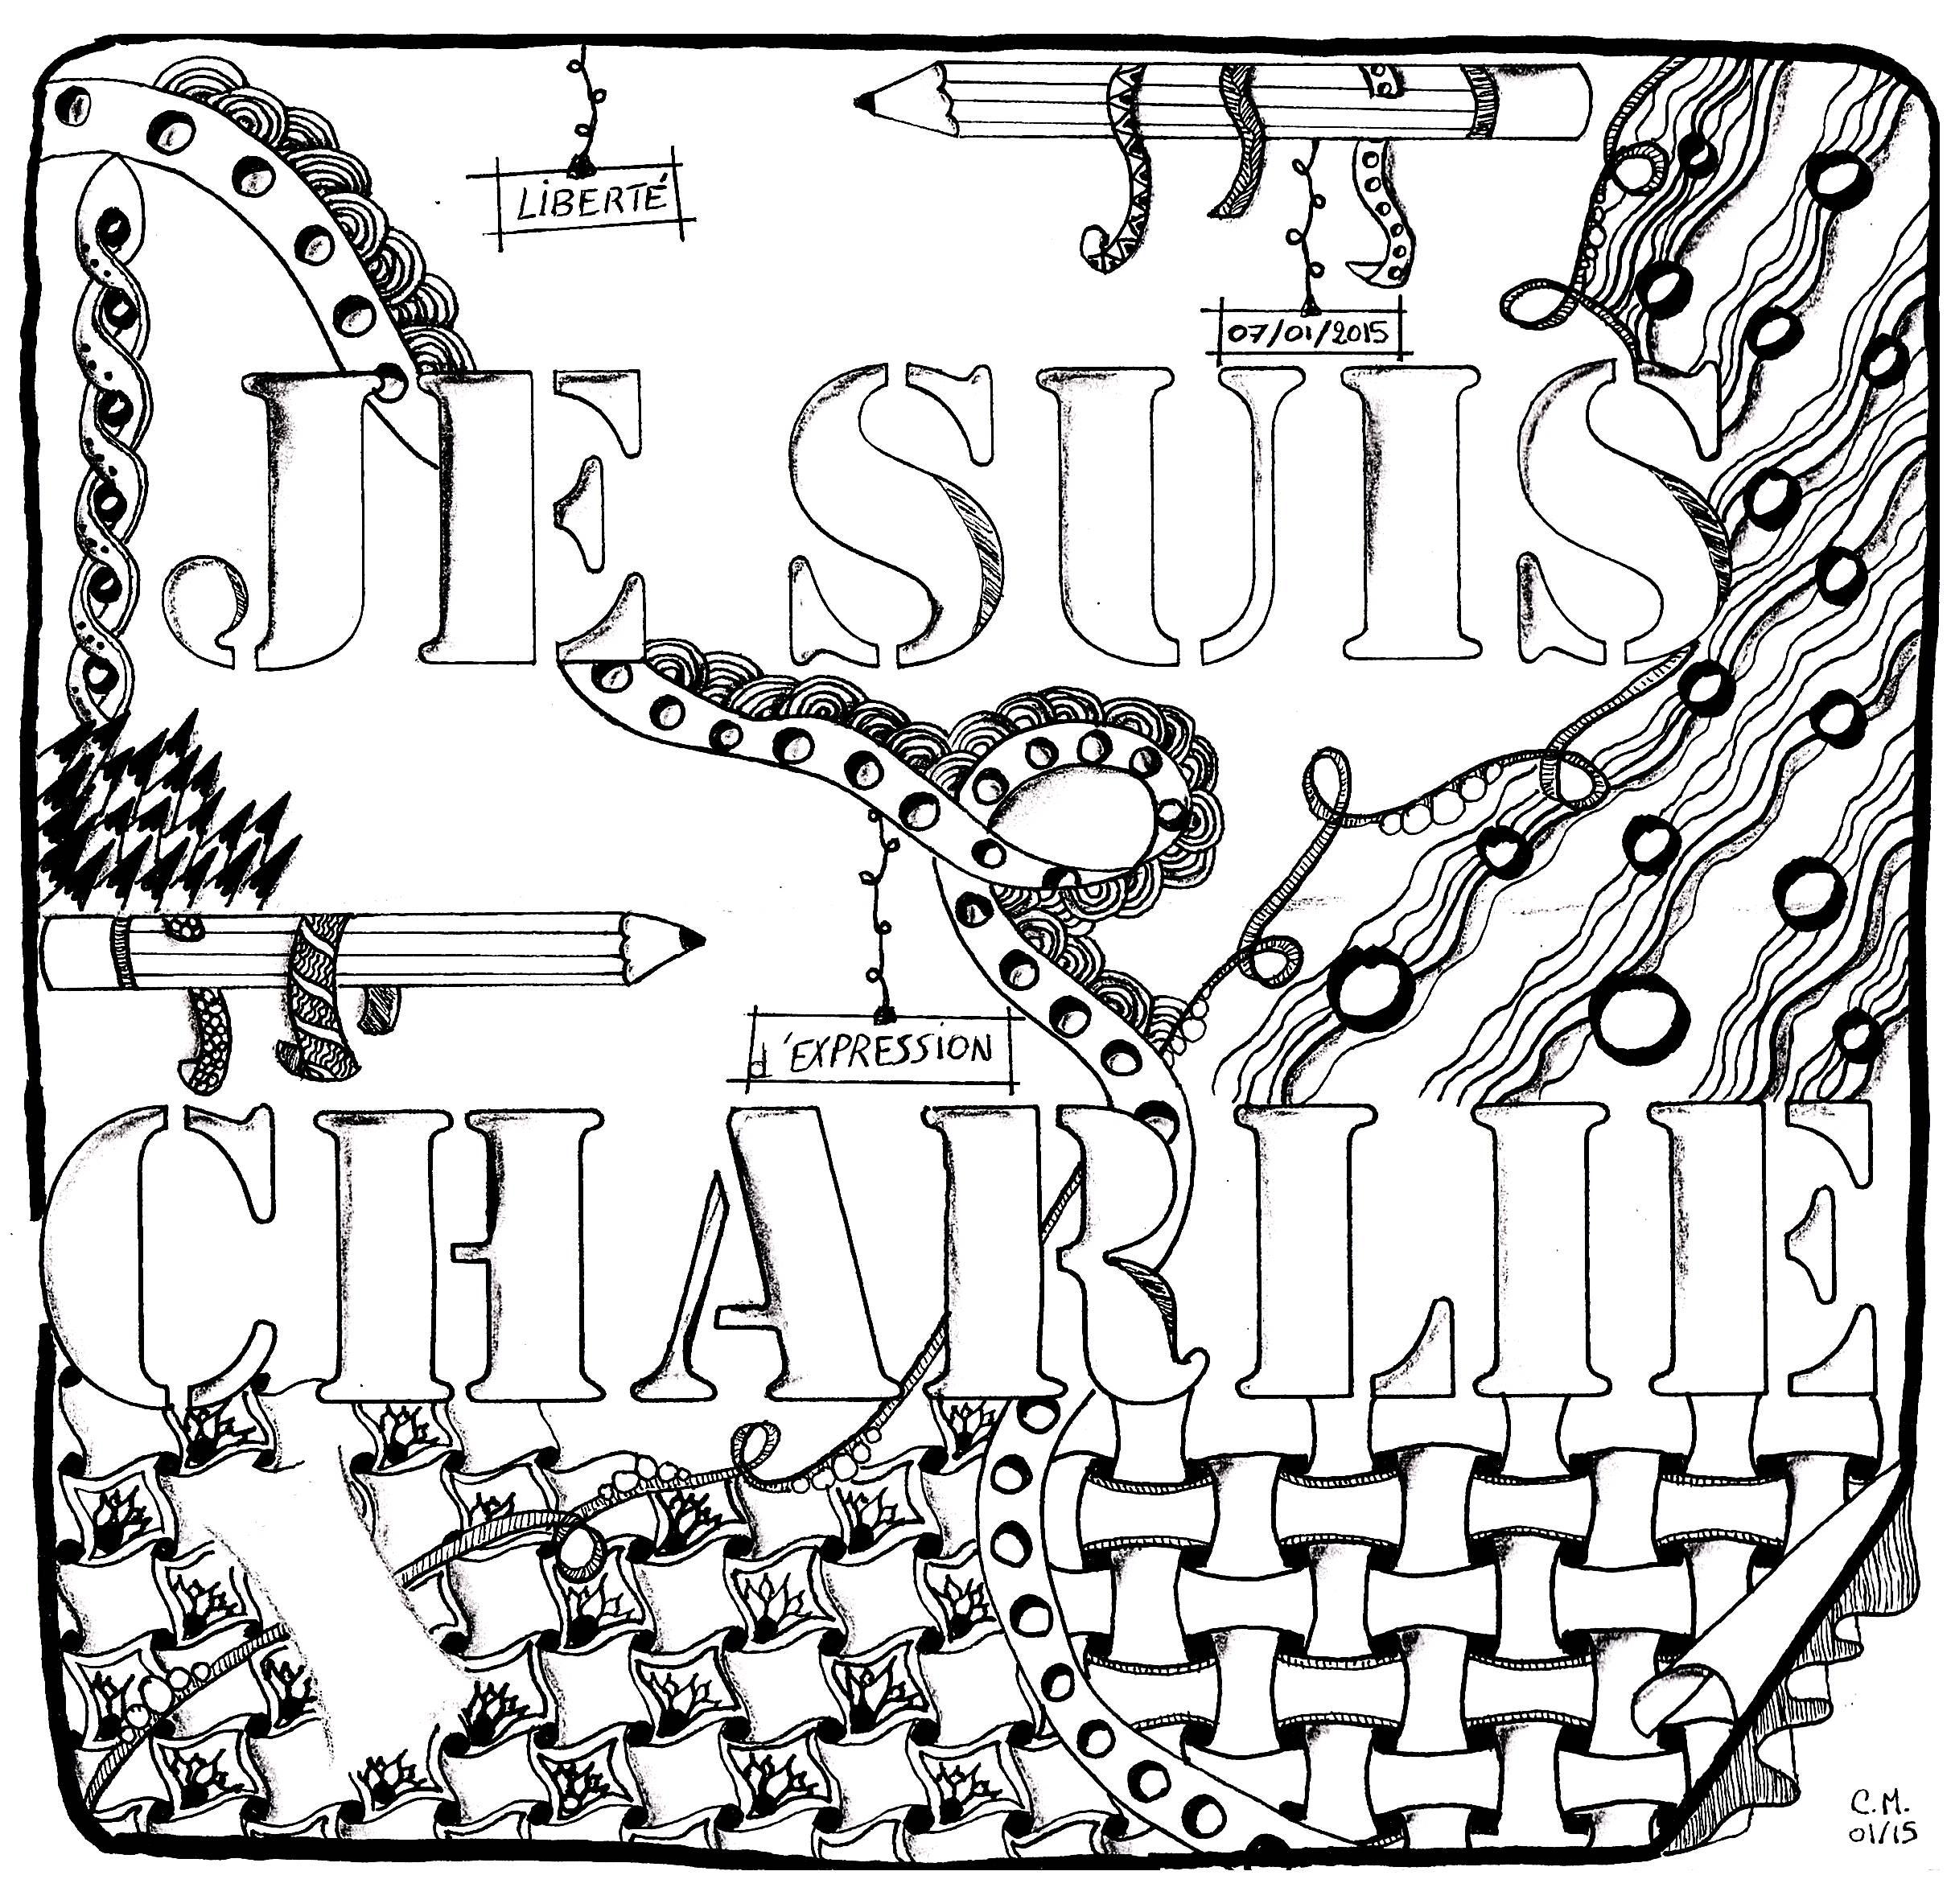 'Hommage à Charlie Hebdo', coloriage original style Zentangle  Voir l'oeuvre originale